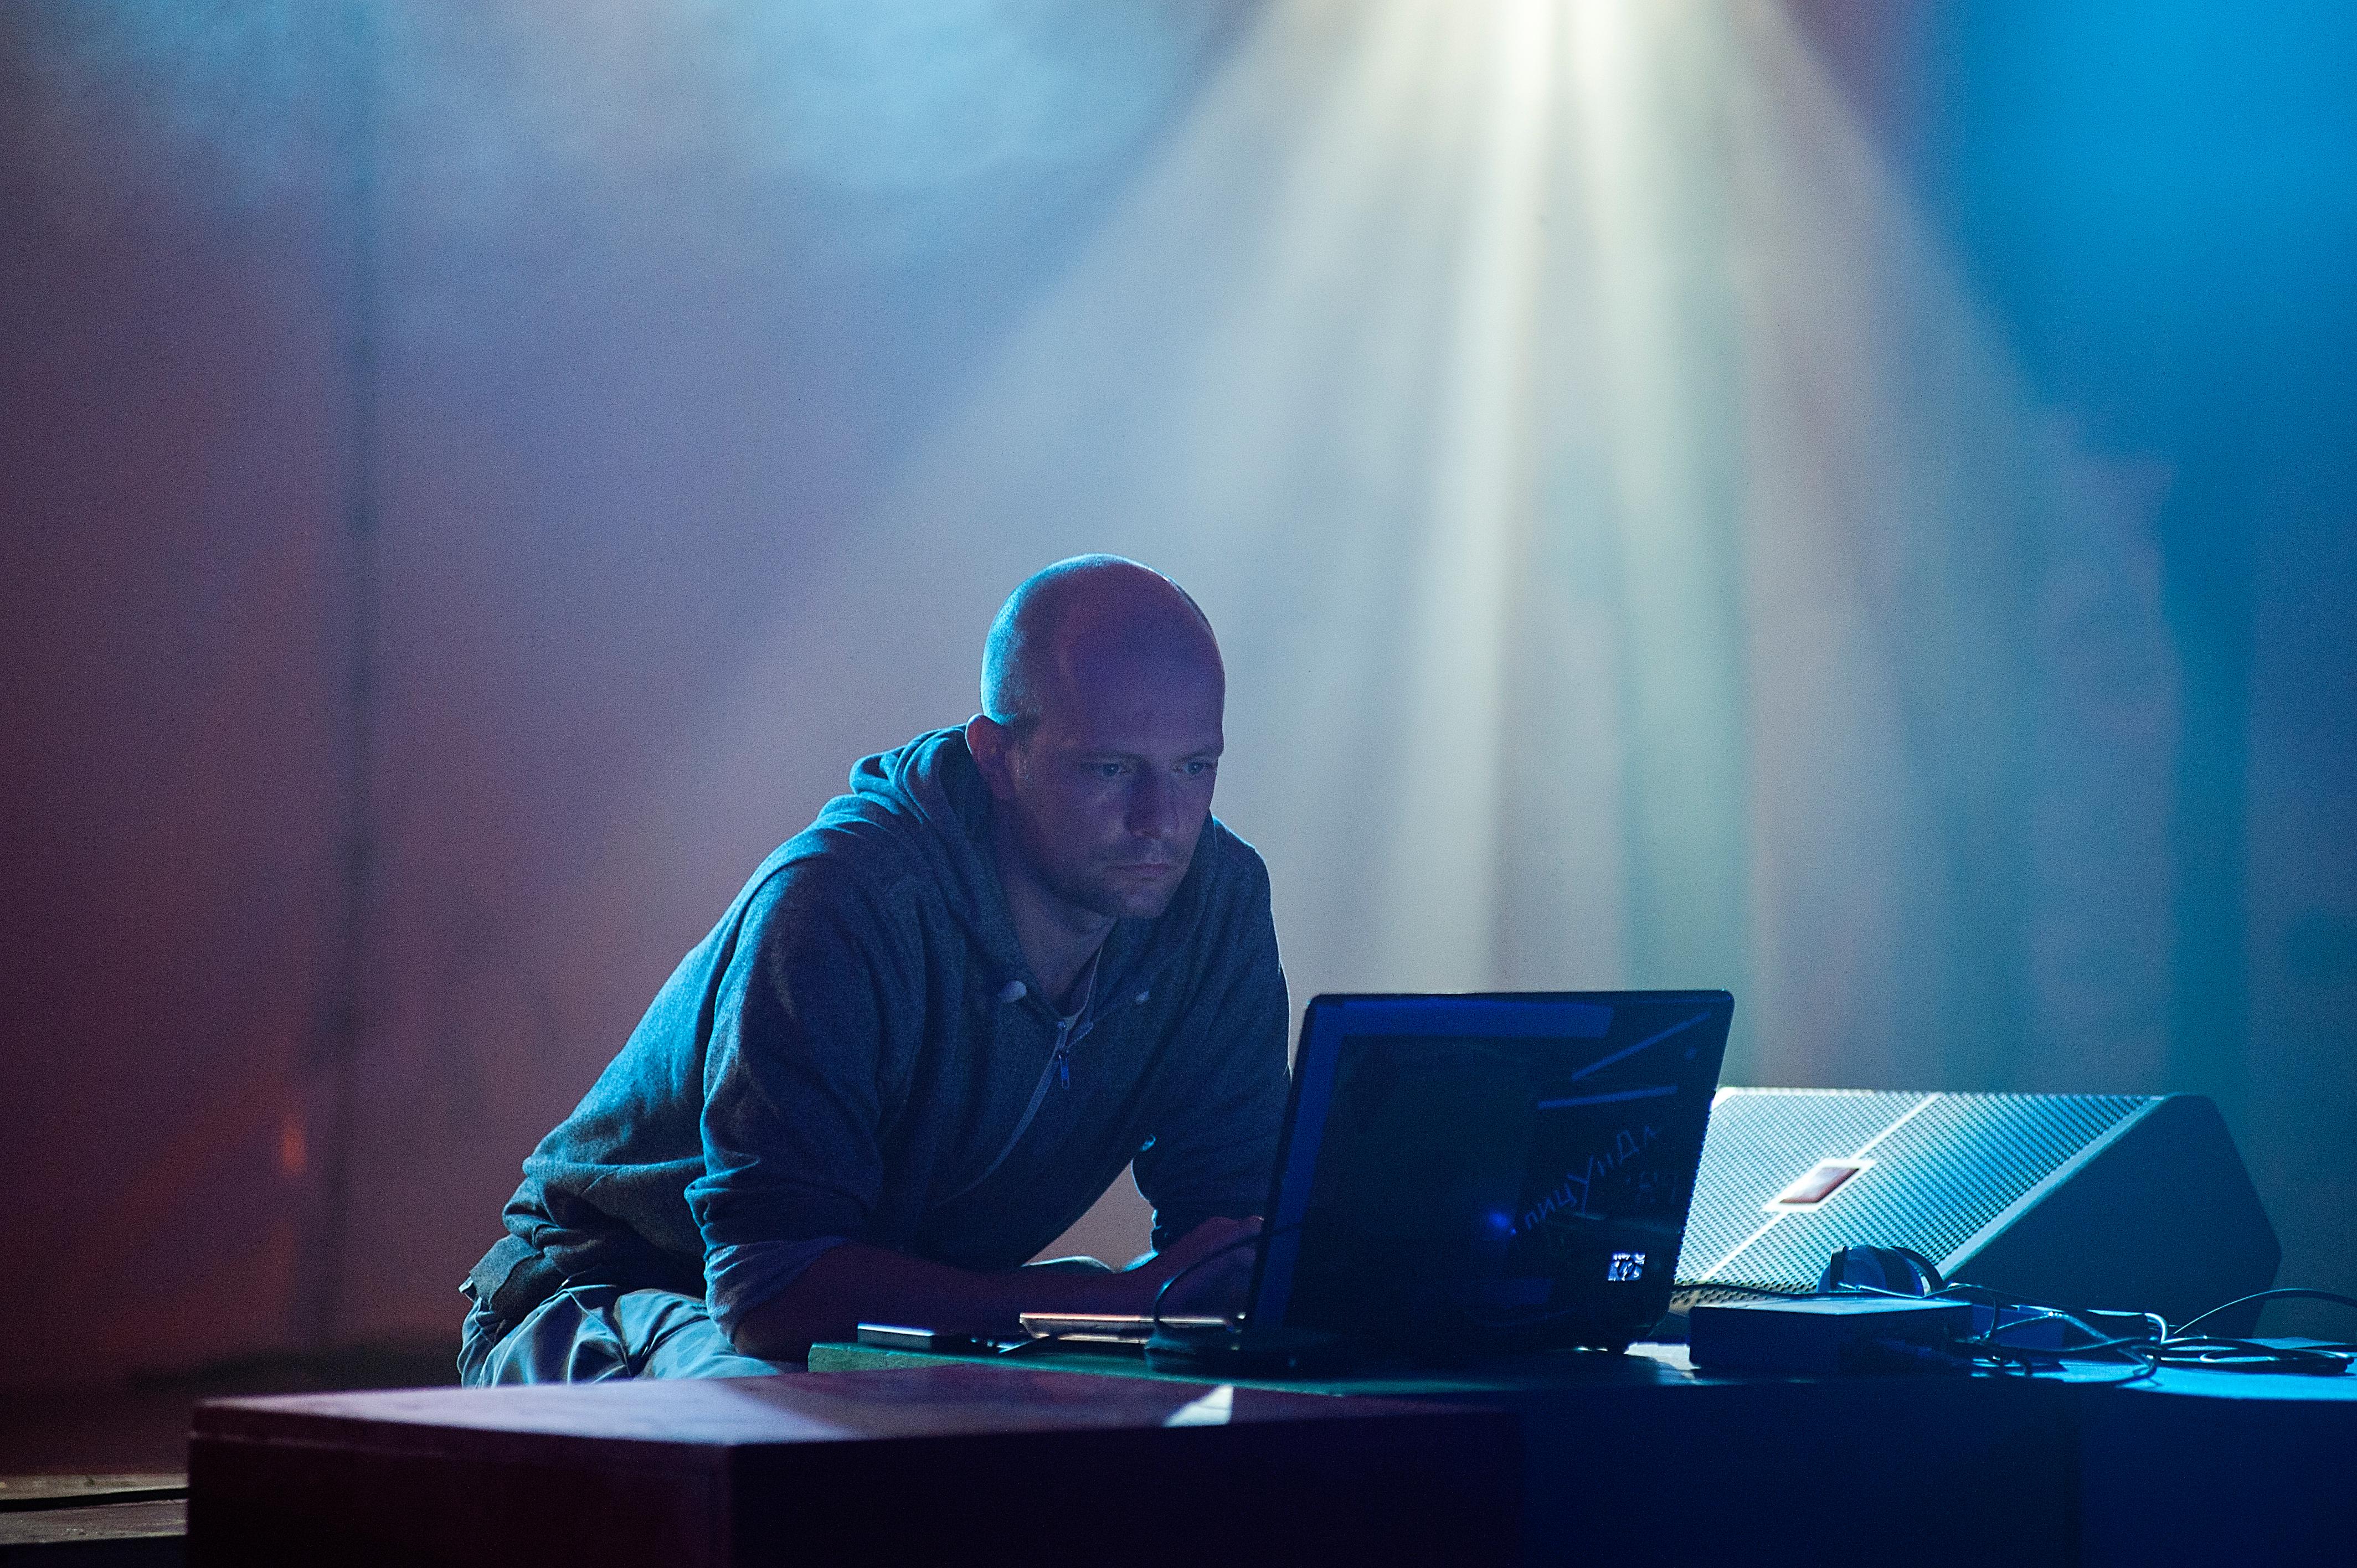 Zdjęcie z koncertu zespołu Konstanty Usenko – set DJski, przedstawiające młodego mężczyznę, siedzącego na scenie i patrzącego w monitor laptopa.